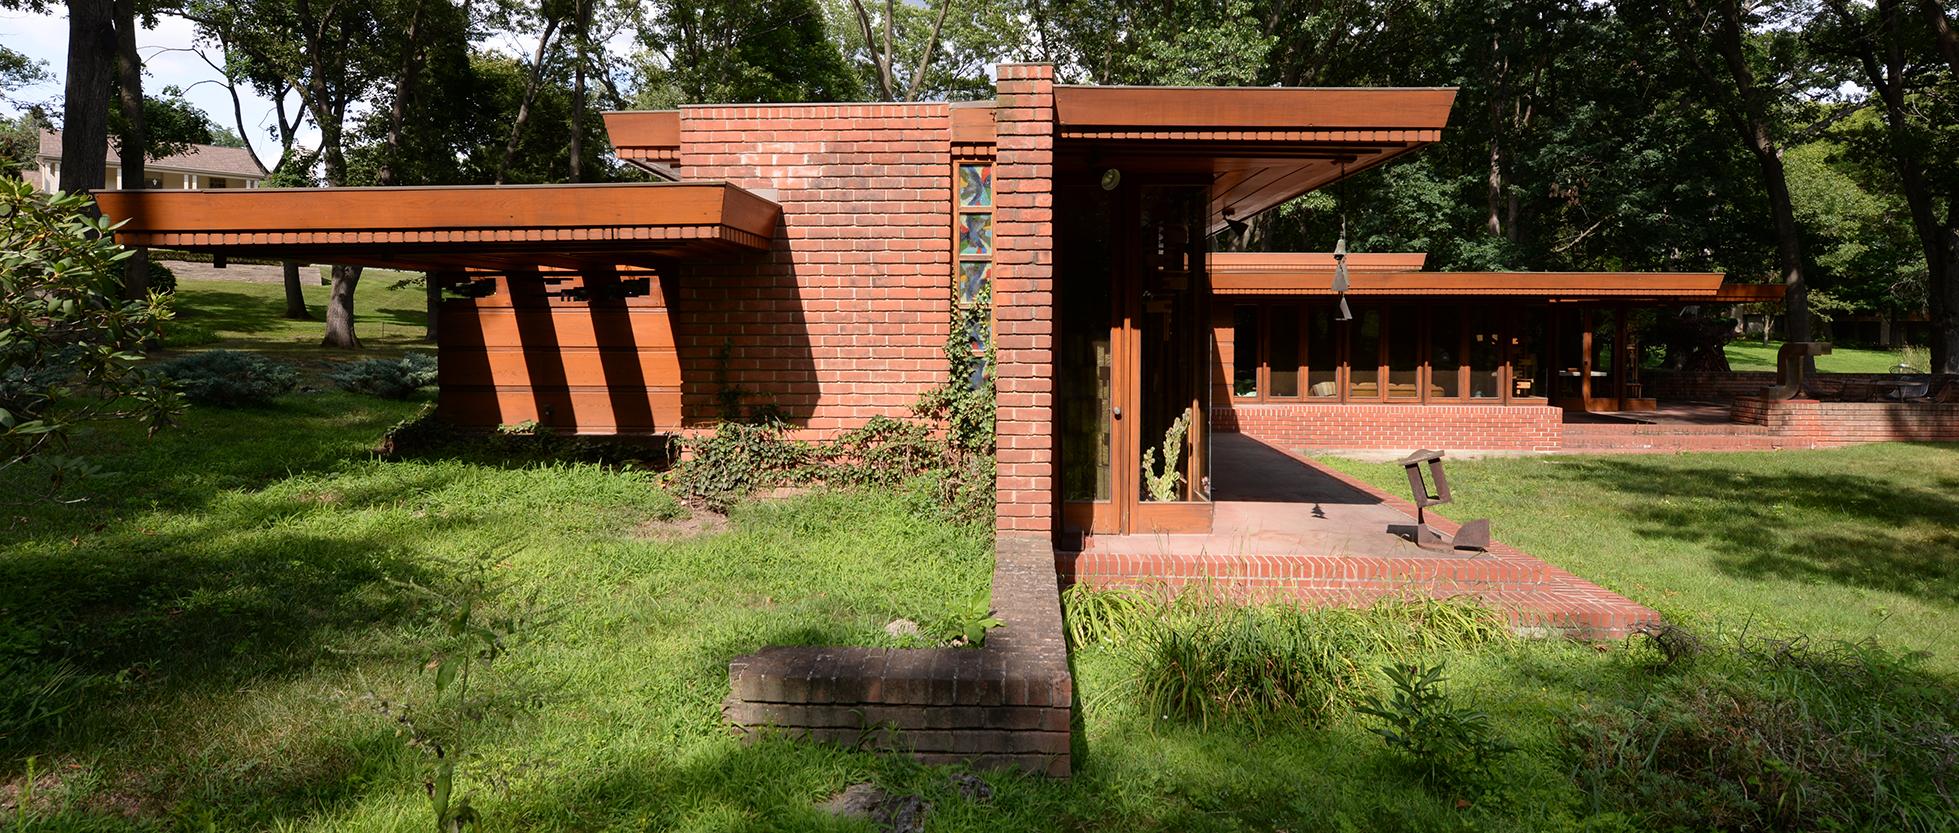 Smith House 014a.jpg